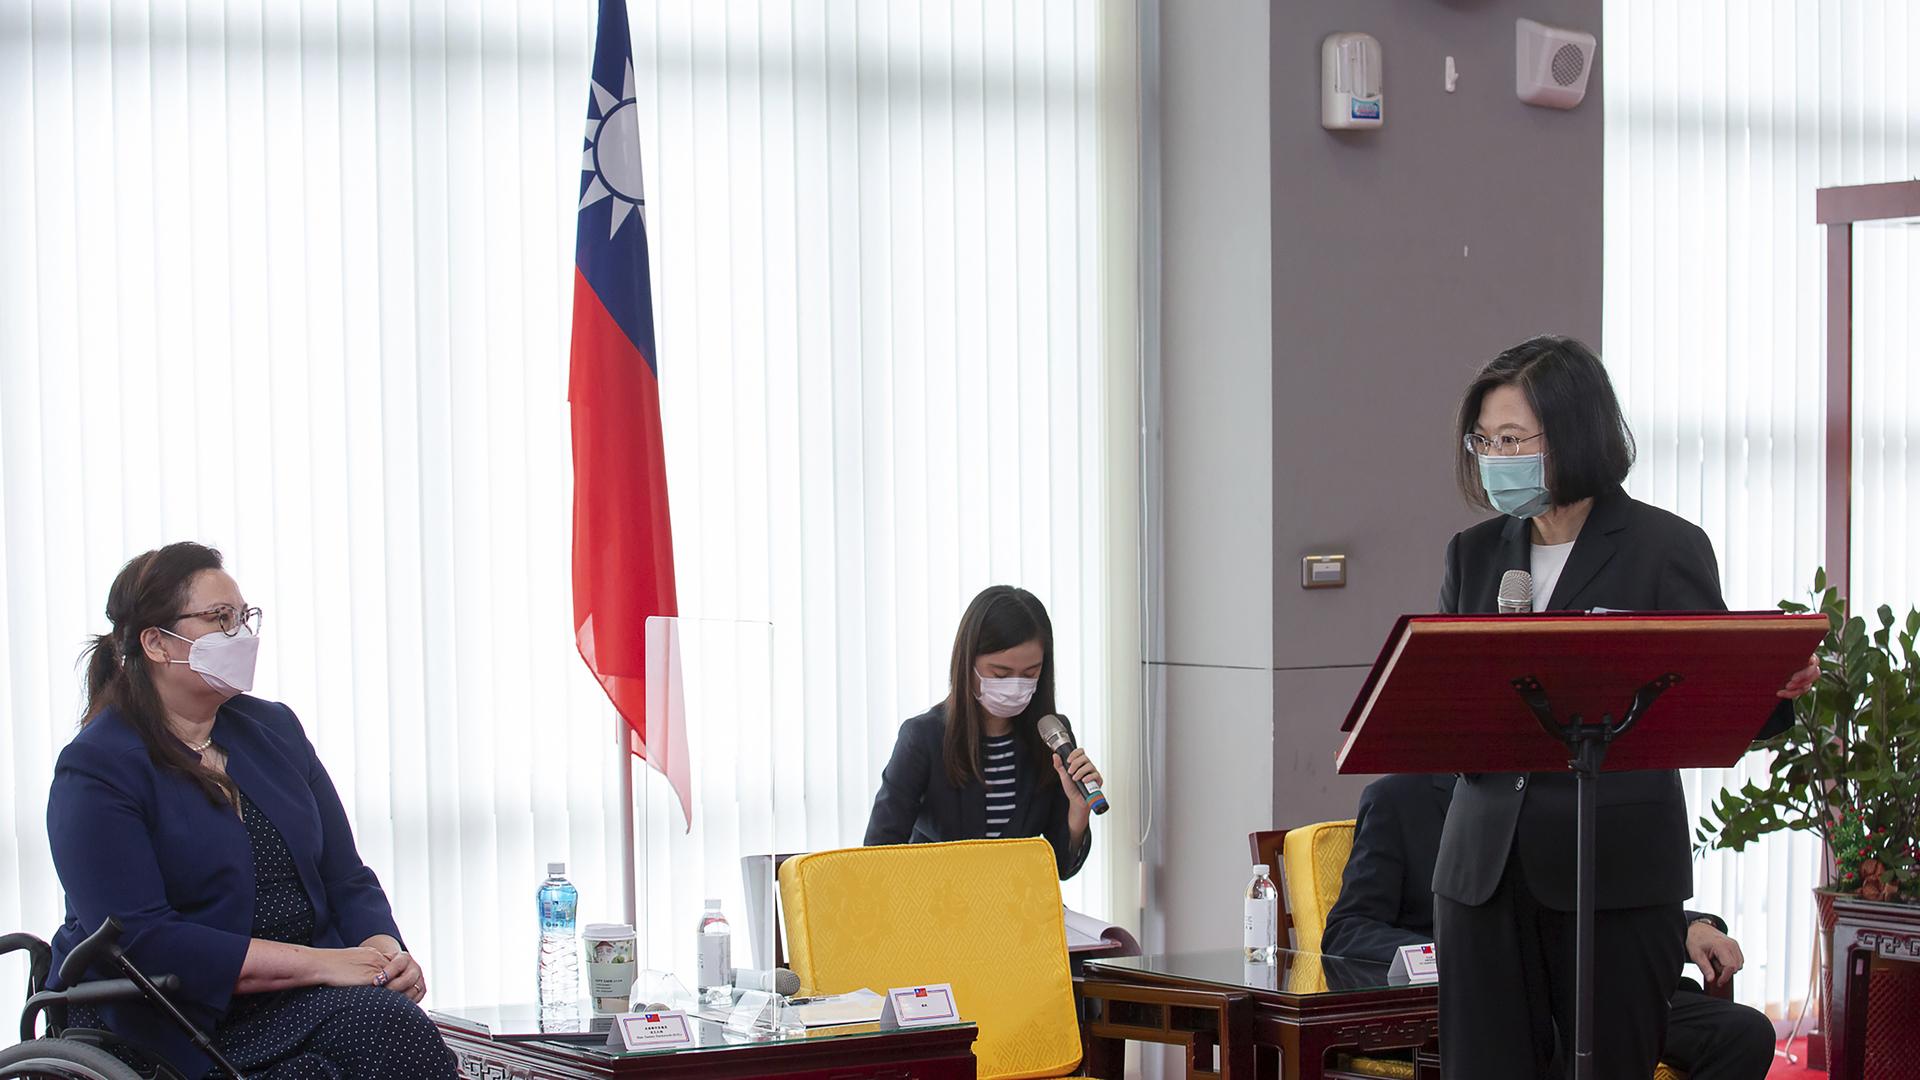 رئيسة تايوان تساي إنغ وين، إلى اليمين، بالقرب من السيناتور الأمريكي تامي داكويرث